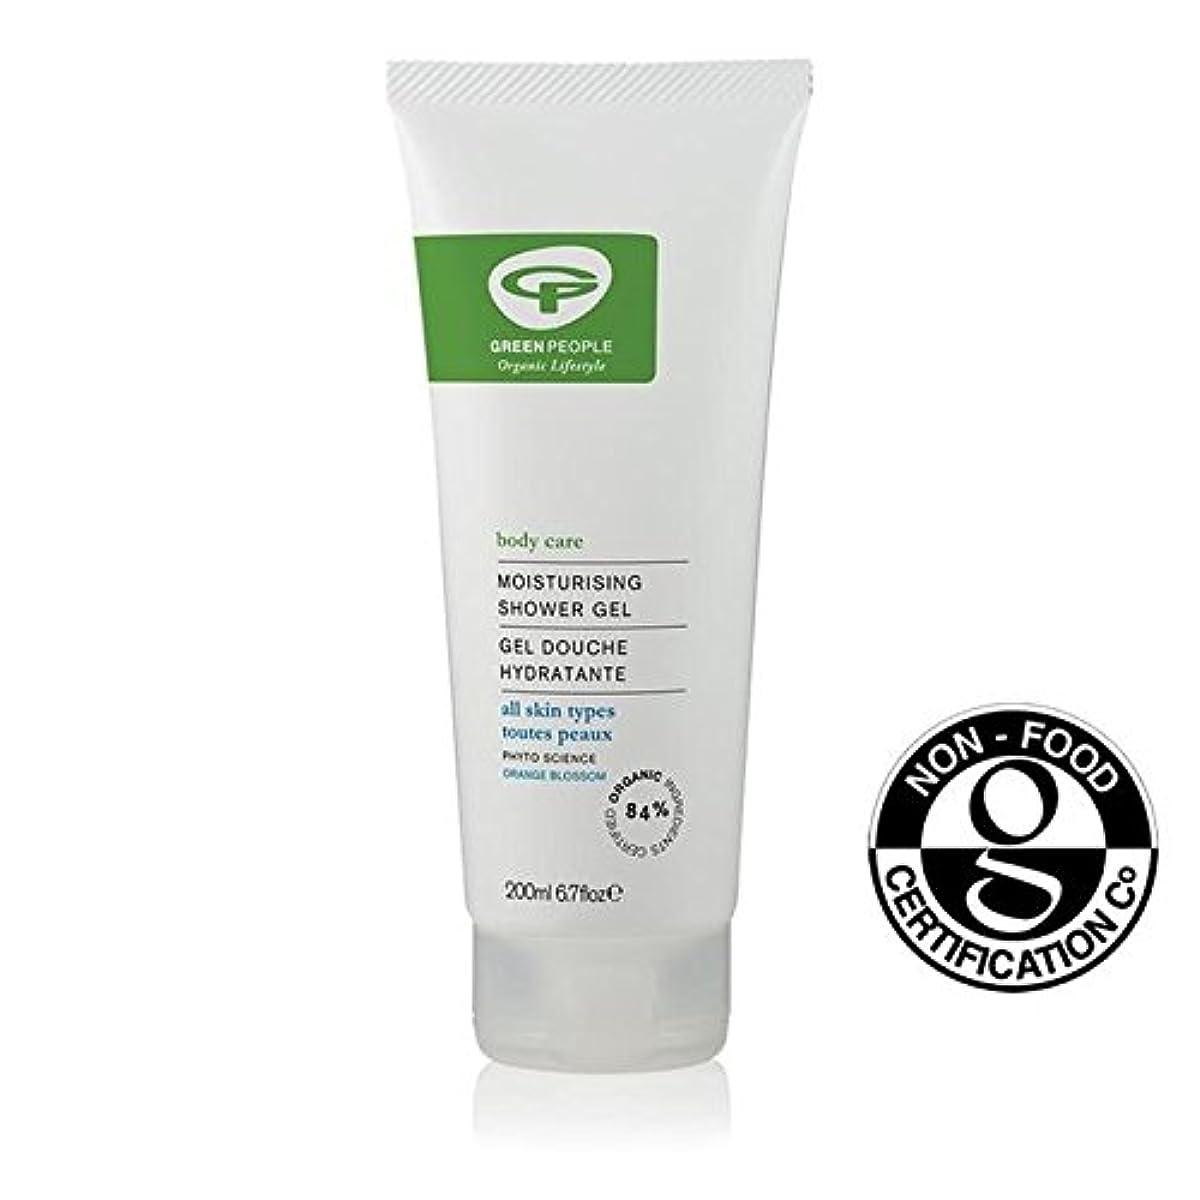 緑の人々の有機保湿シャワージェル200 x4 - Green People Organic Moisturising Shower Gel 200ml (Pack of 4) [並行輸入品]